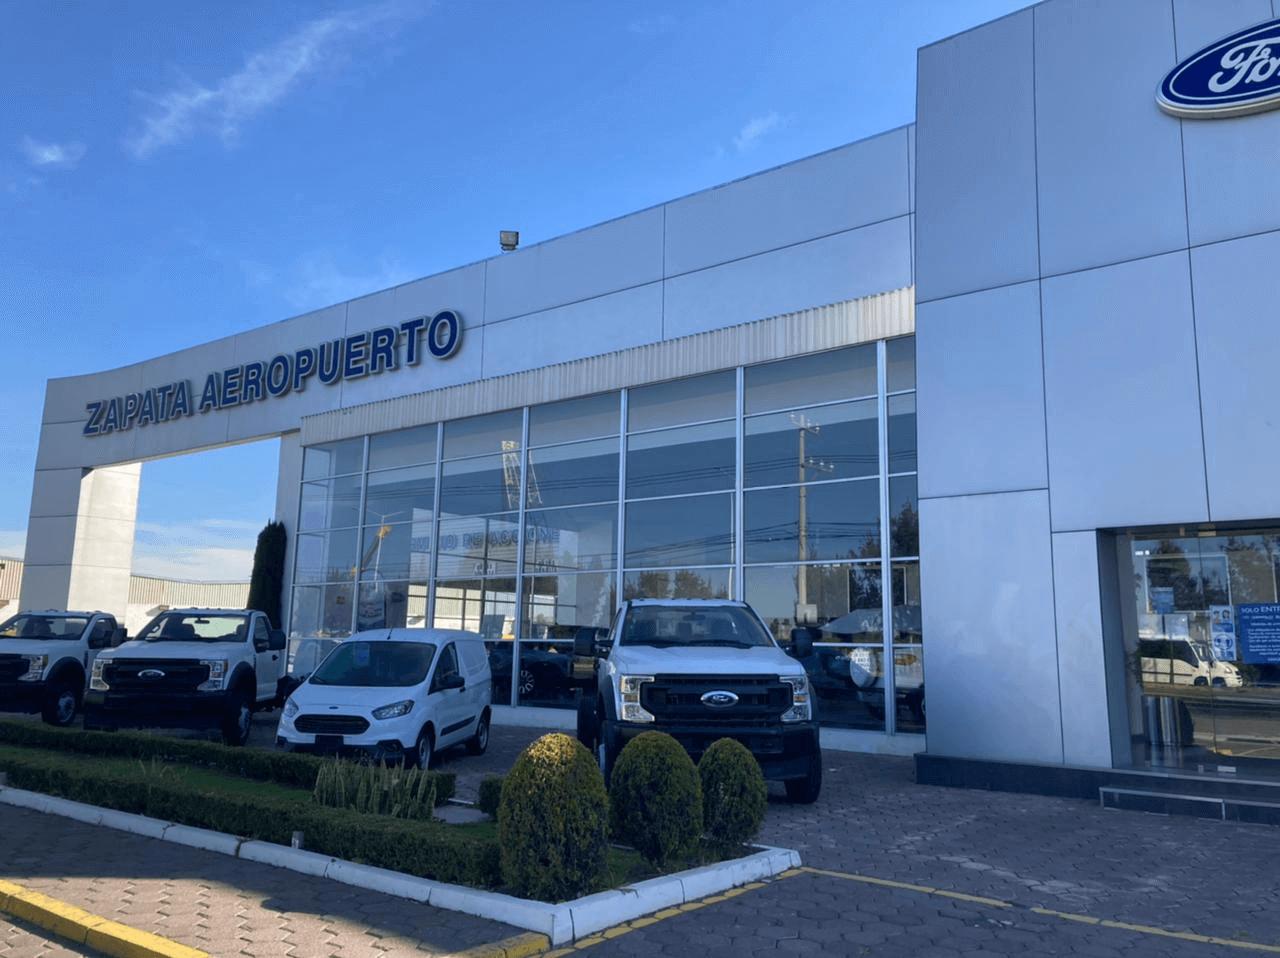 Ford Zapata Aeropuerto